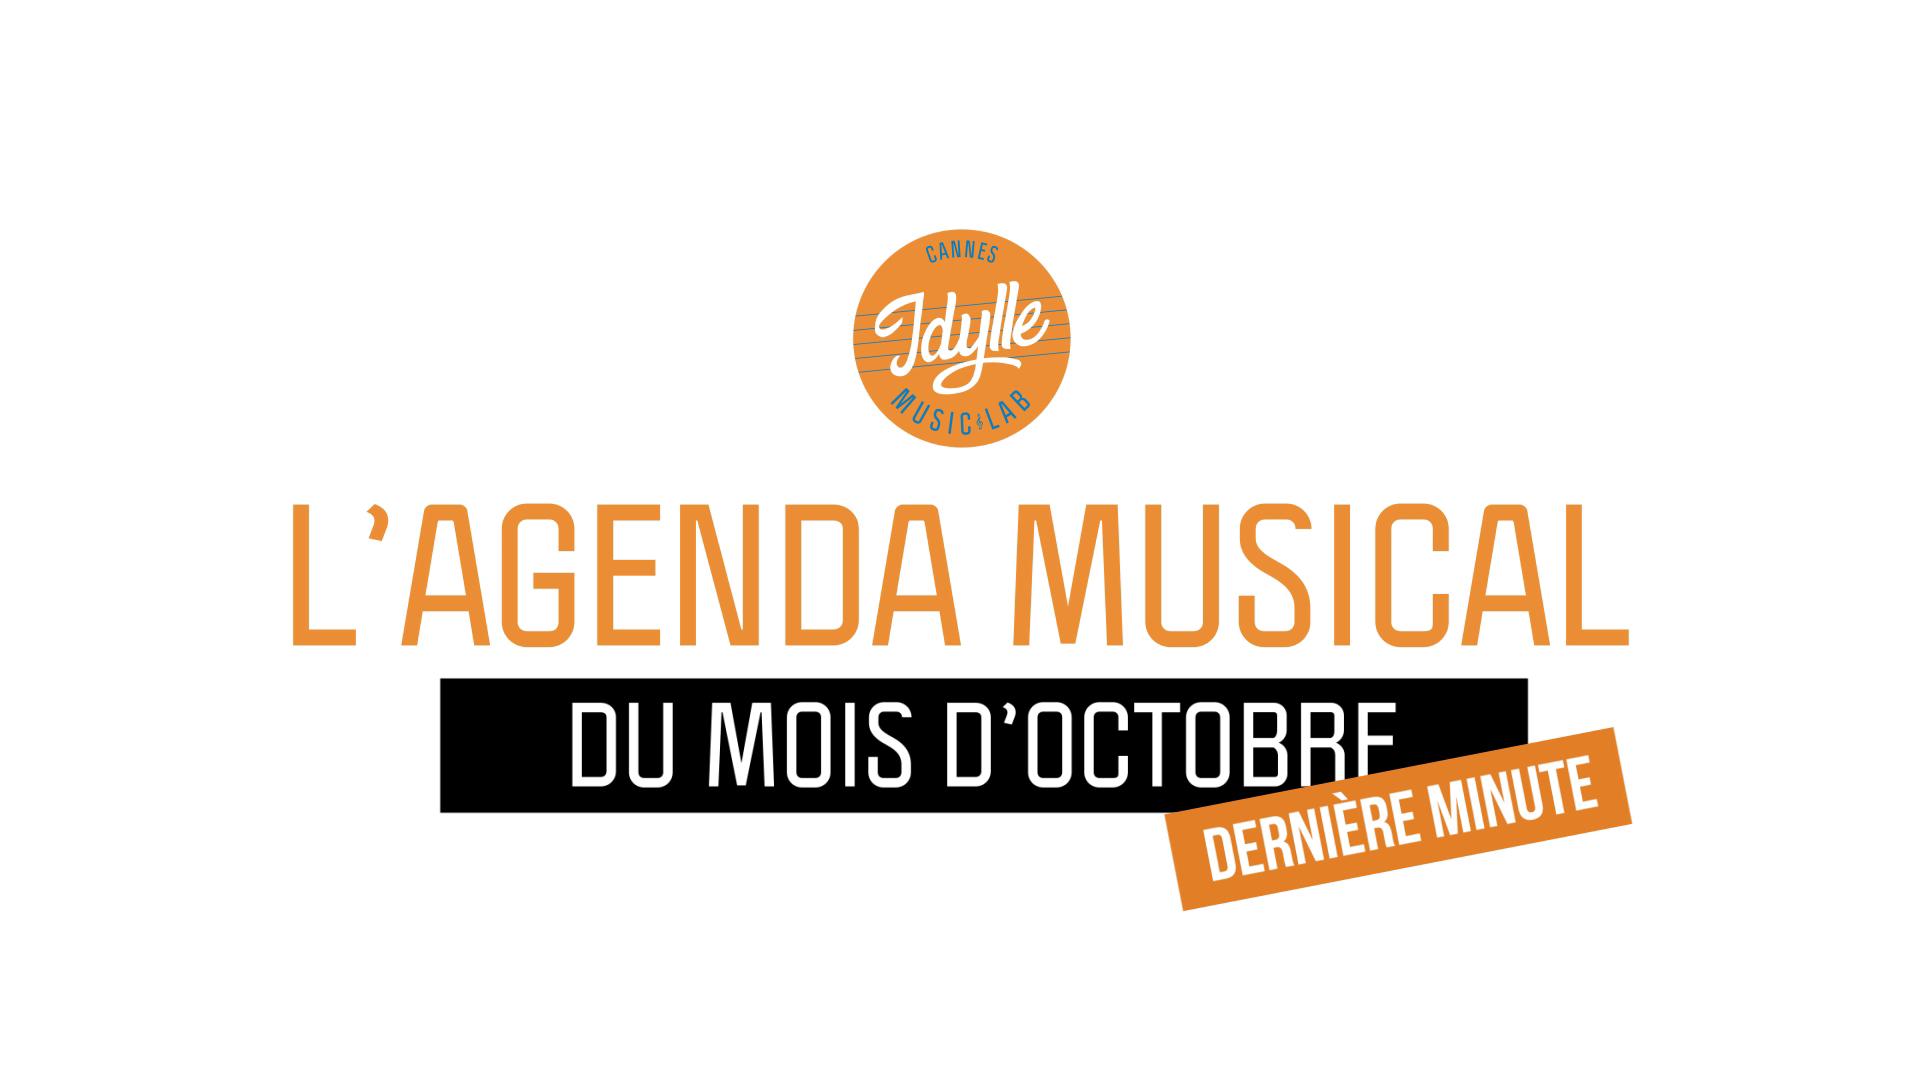 L'agenda musical Idylle Music Lab™ – octobre 2019 / 2